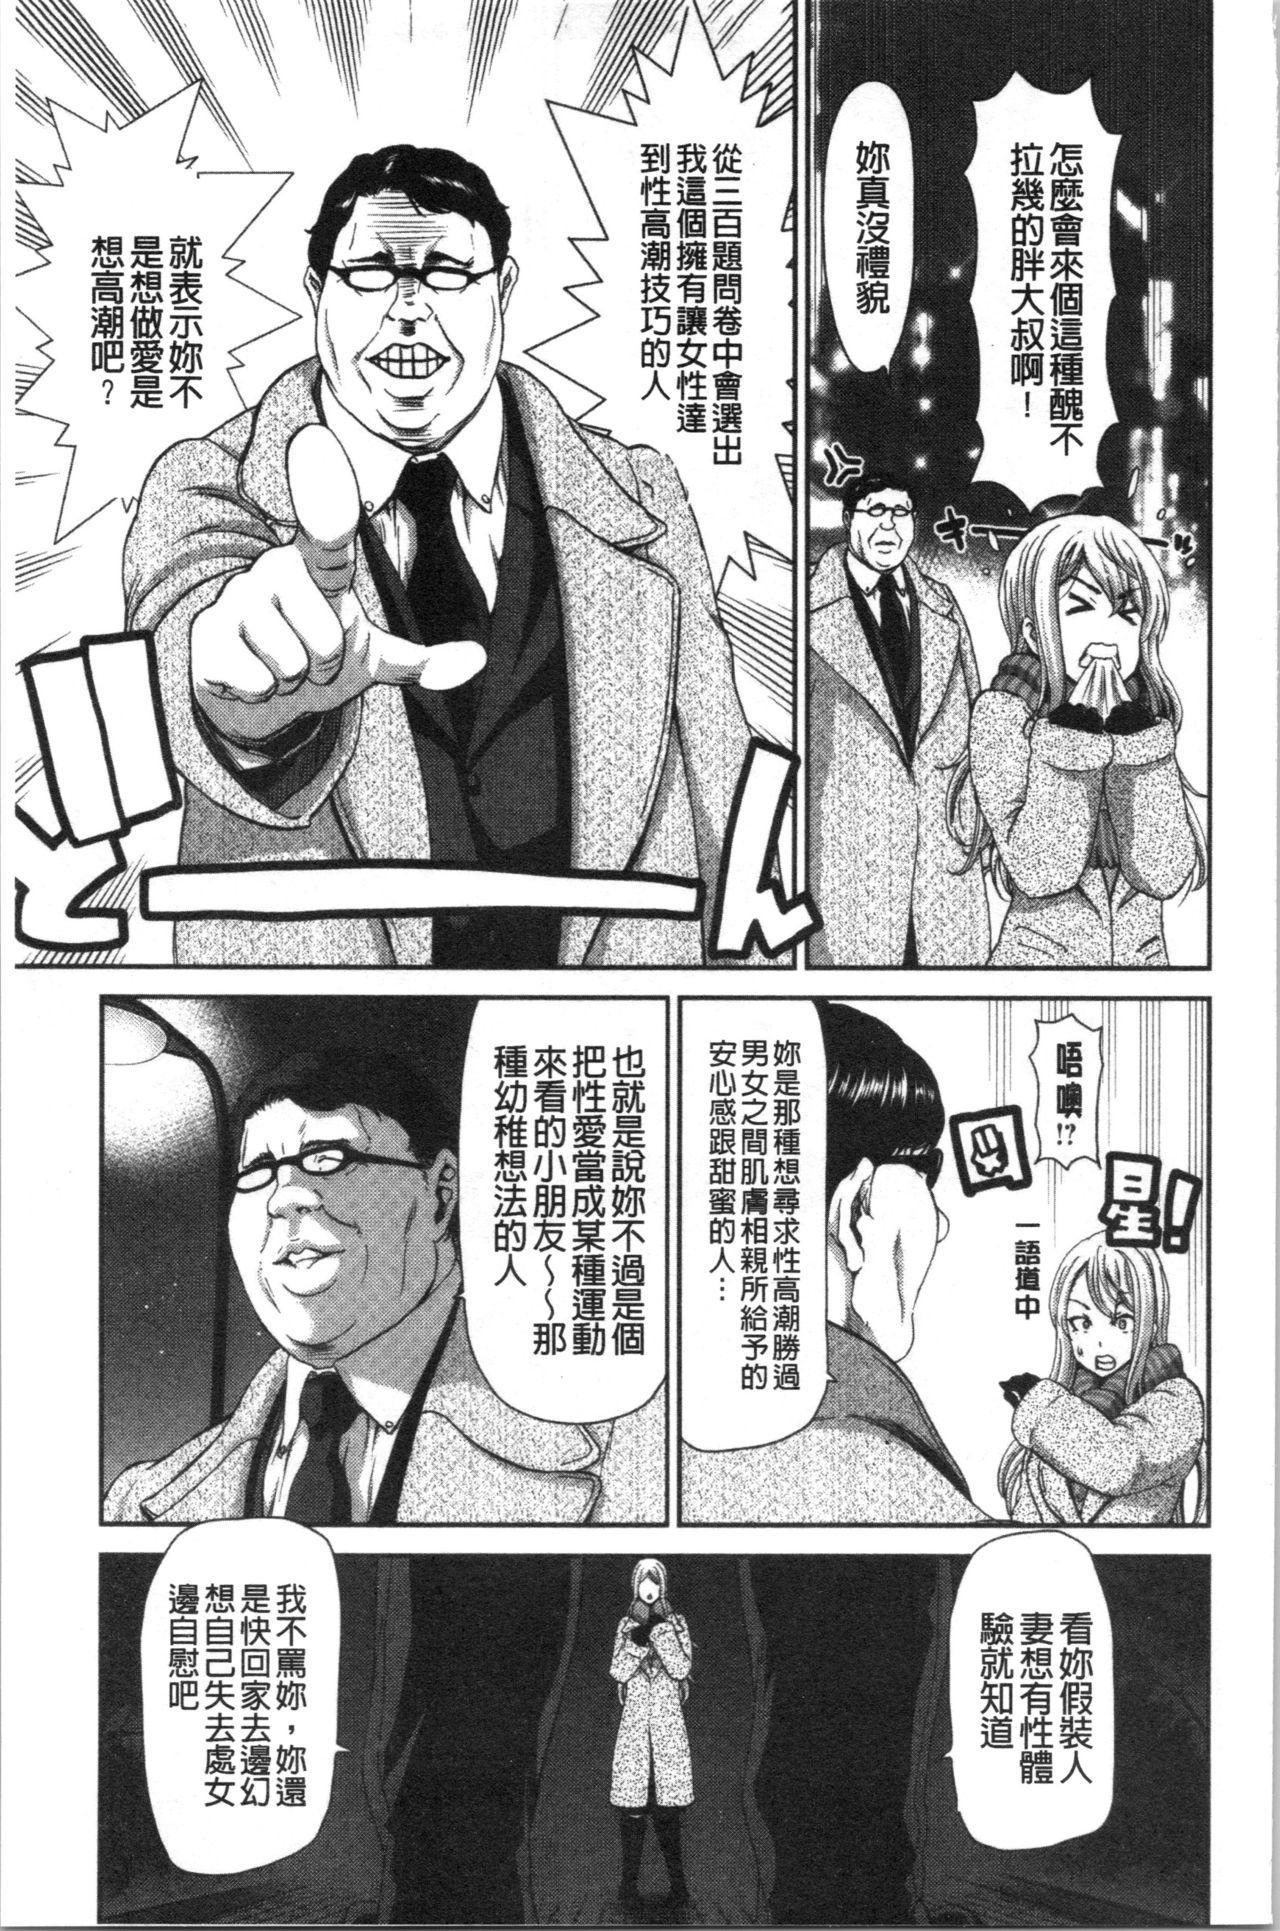 Ochinchin Rental - Rent a dick, and ride!! | 粗粗大肉棒租賃服務 75